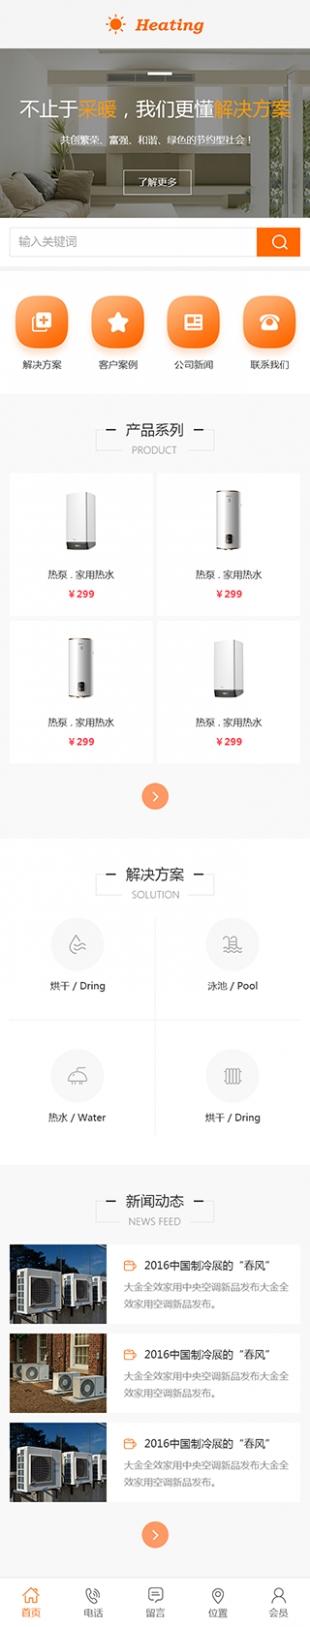 采暖热水器类网站通用模板手机图片